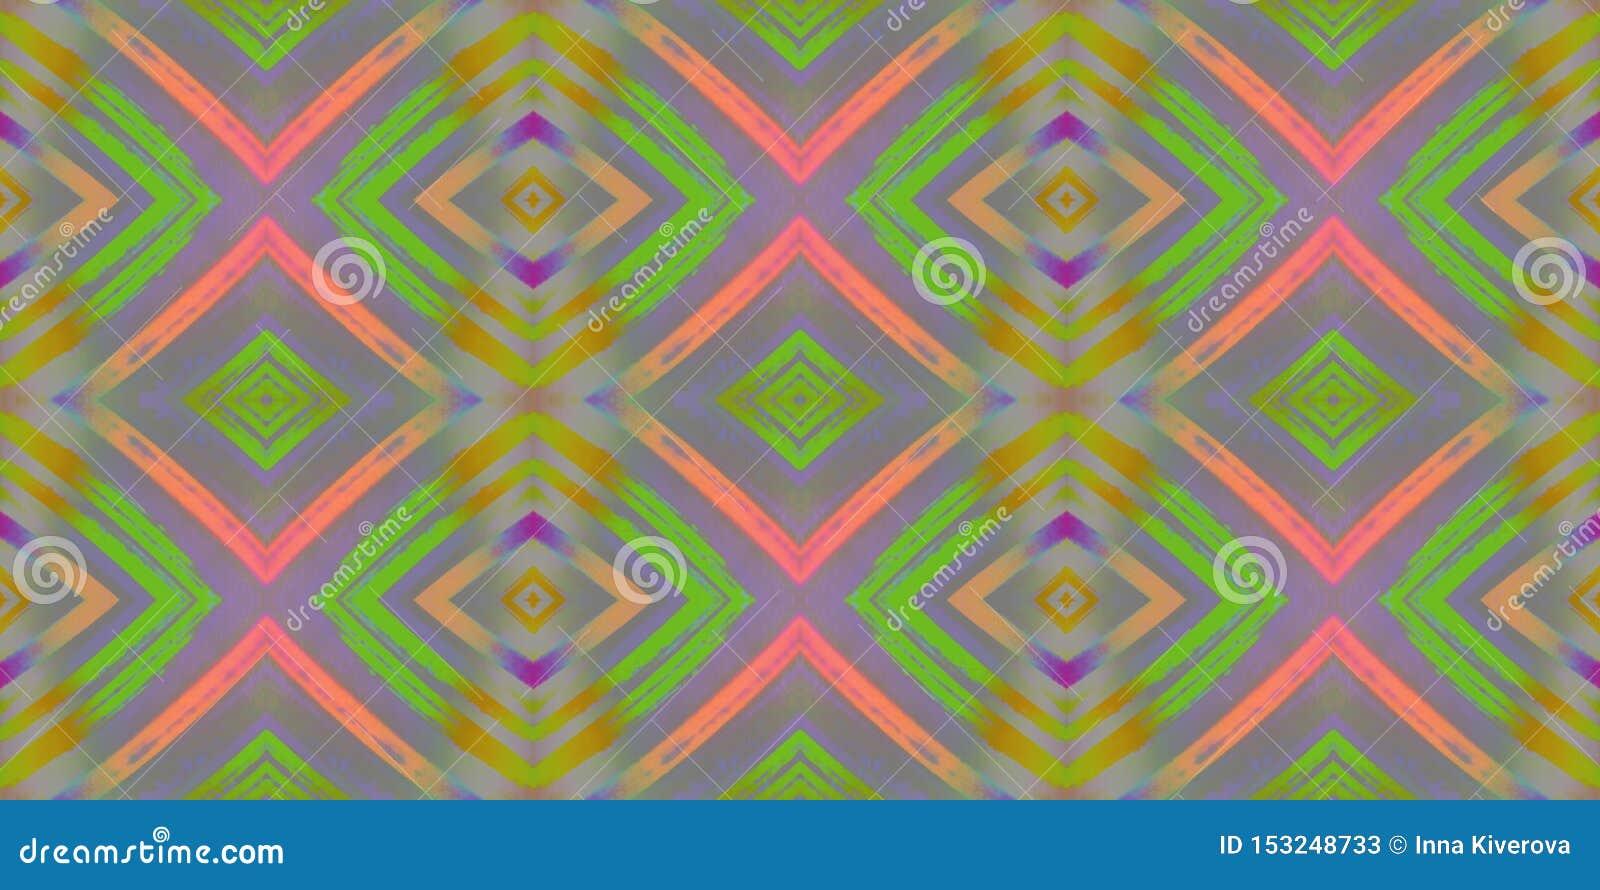 Ornamento brillante de repetición sin fin inconsútil de formas geométricas multicoloras